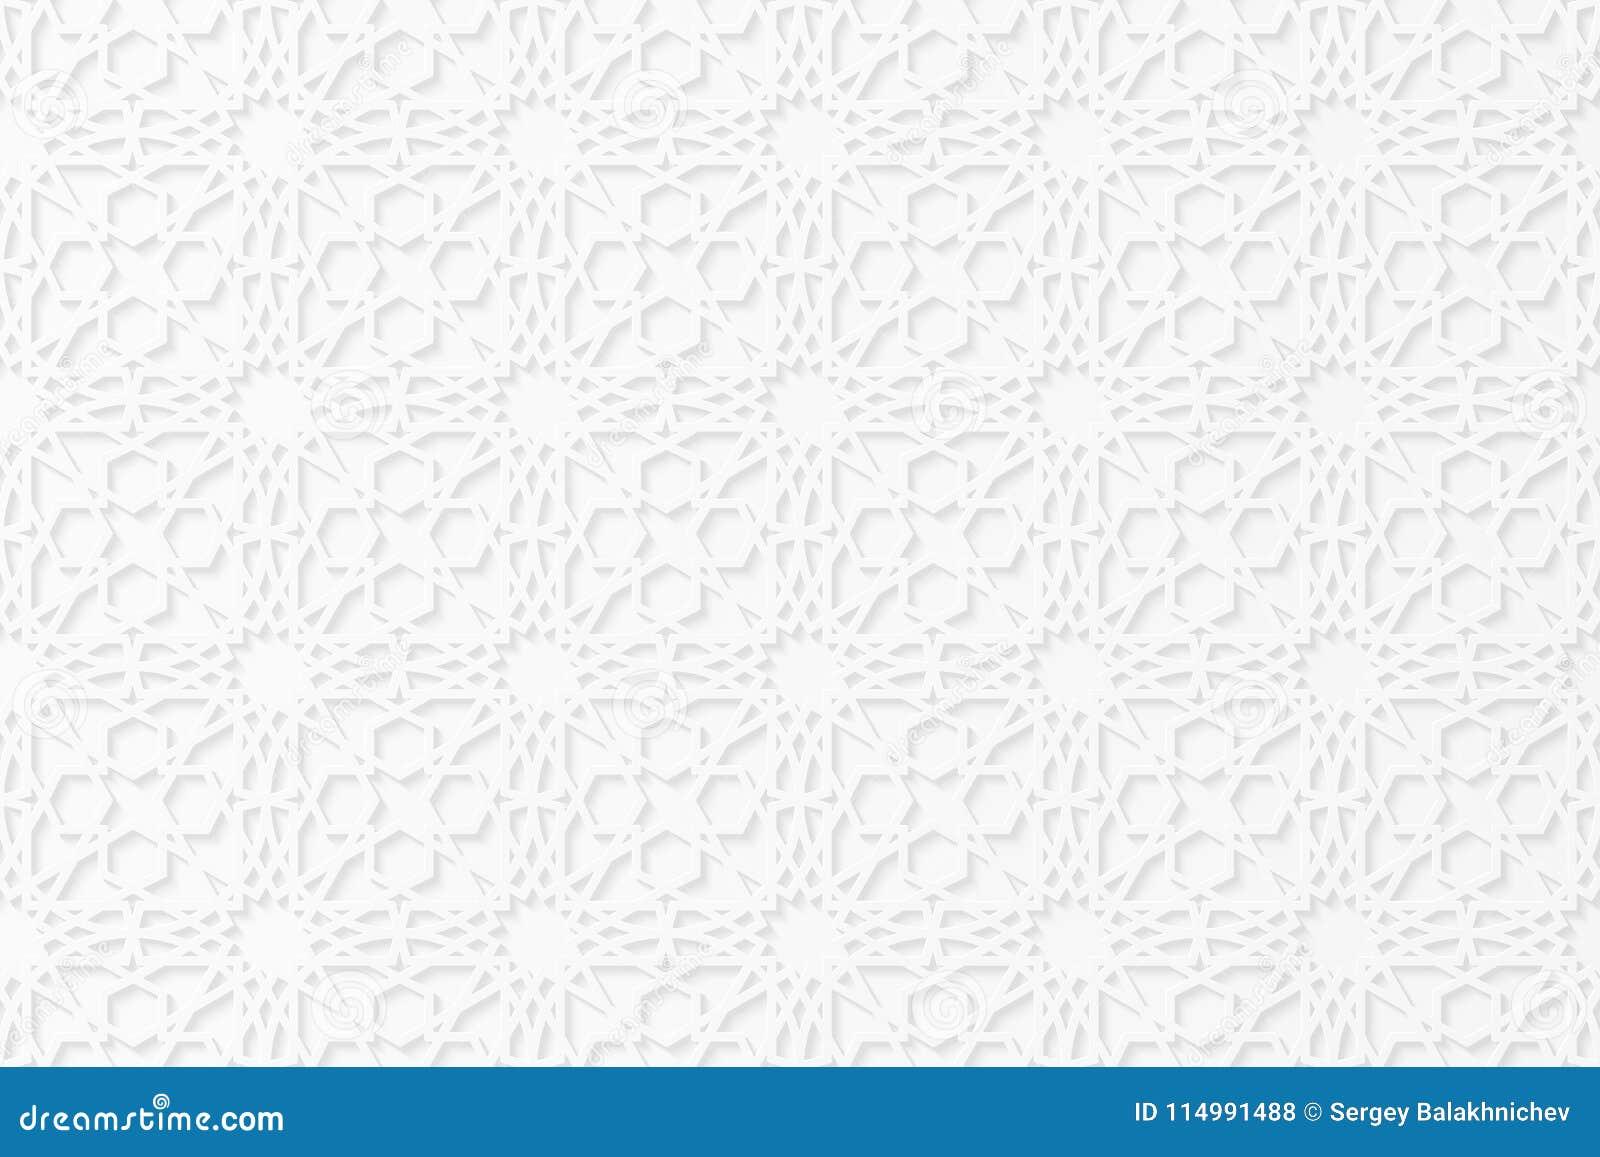 Ισλαμική γεωμετρική τρισδιάστατη διακόσμηση αραβικό πρότυπο Μαζικό σχέδιο της Λευκής Βίβλου Η μειωμένη σκιά χαρτόνι kareem ramada